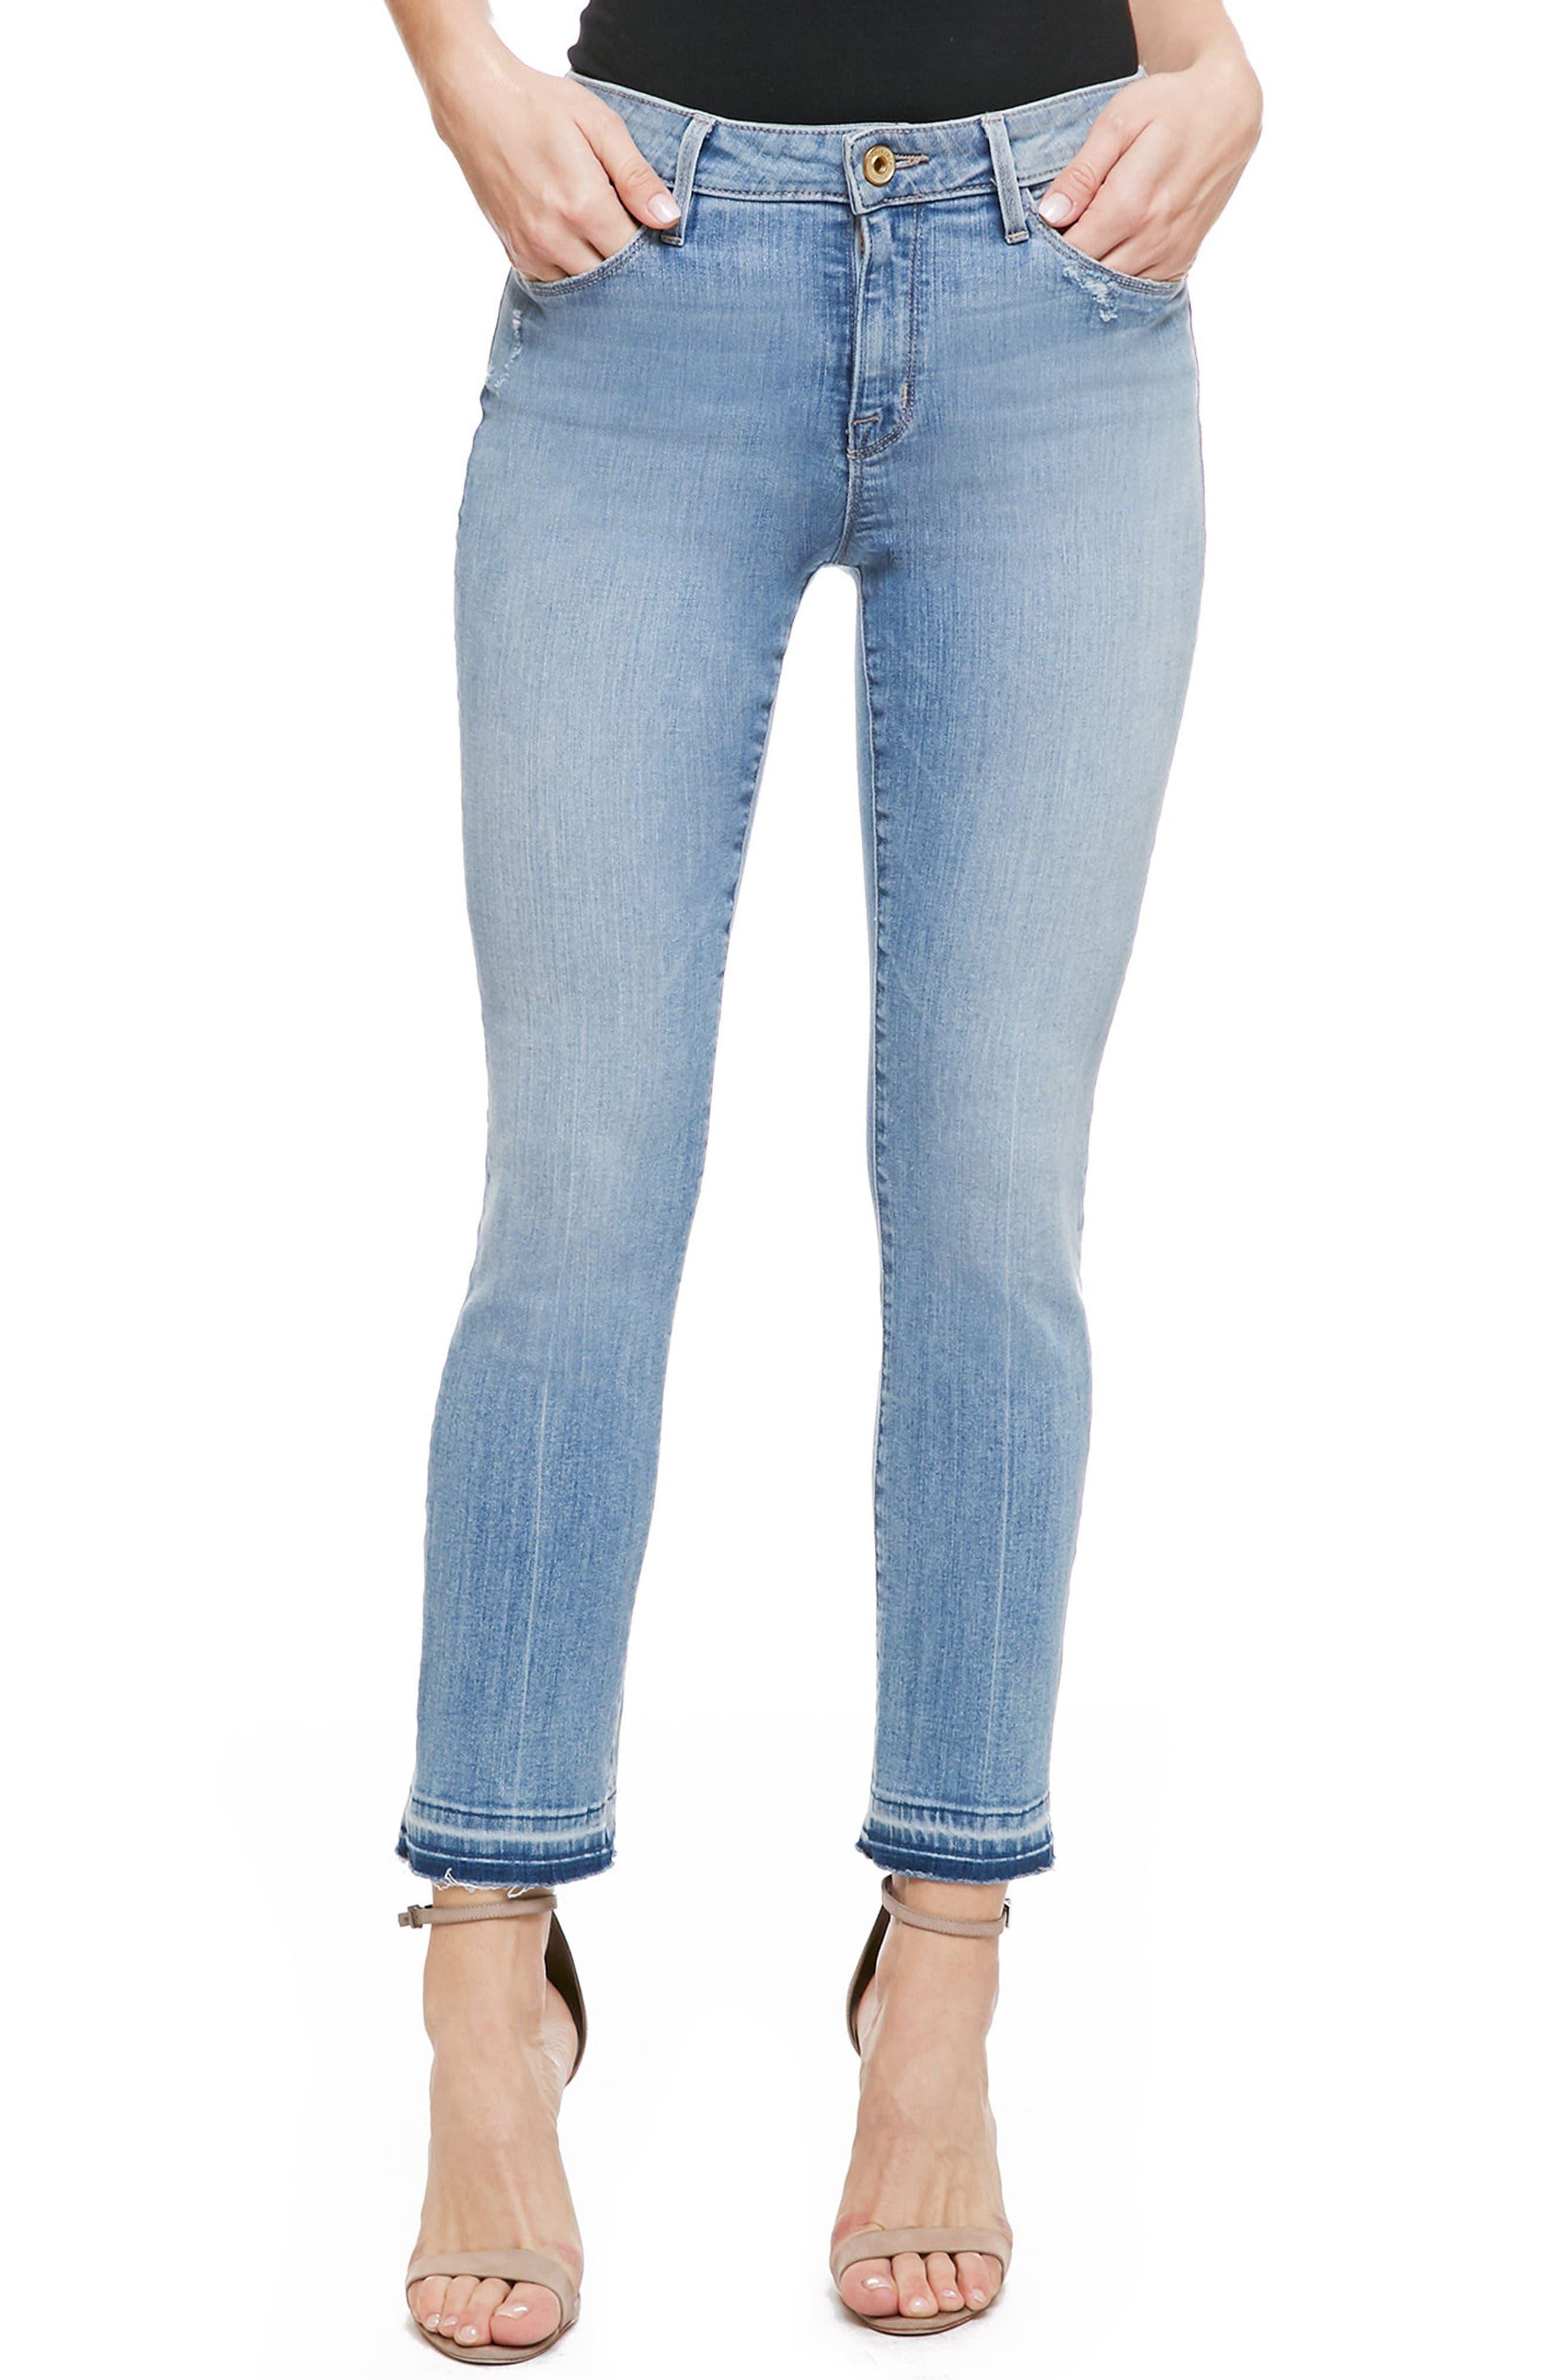 Alternate Image 1 Selected - Sanctuary Robbie Release Hem Crop Jeans (Sadie)